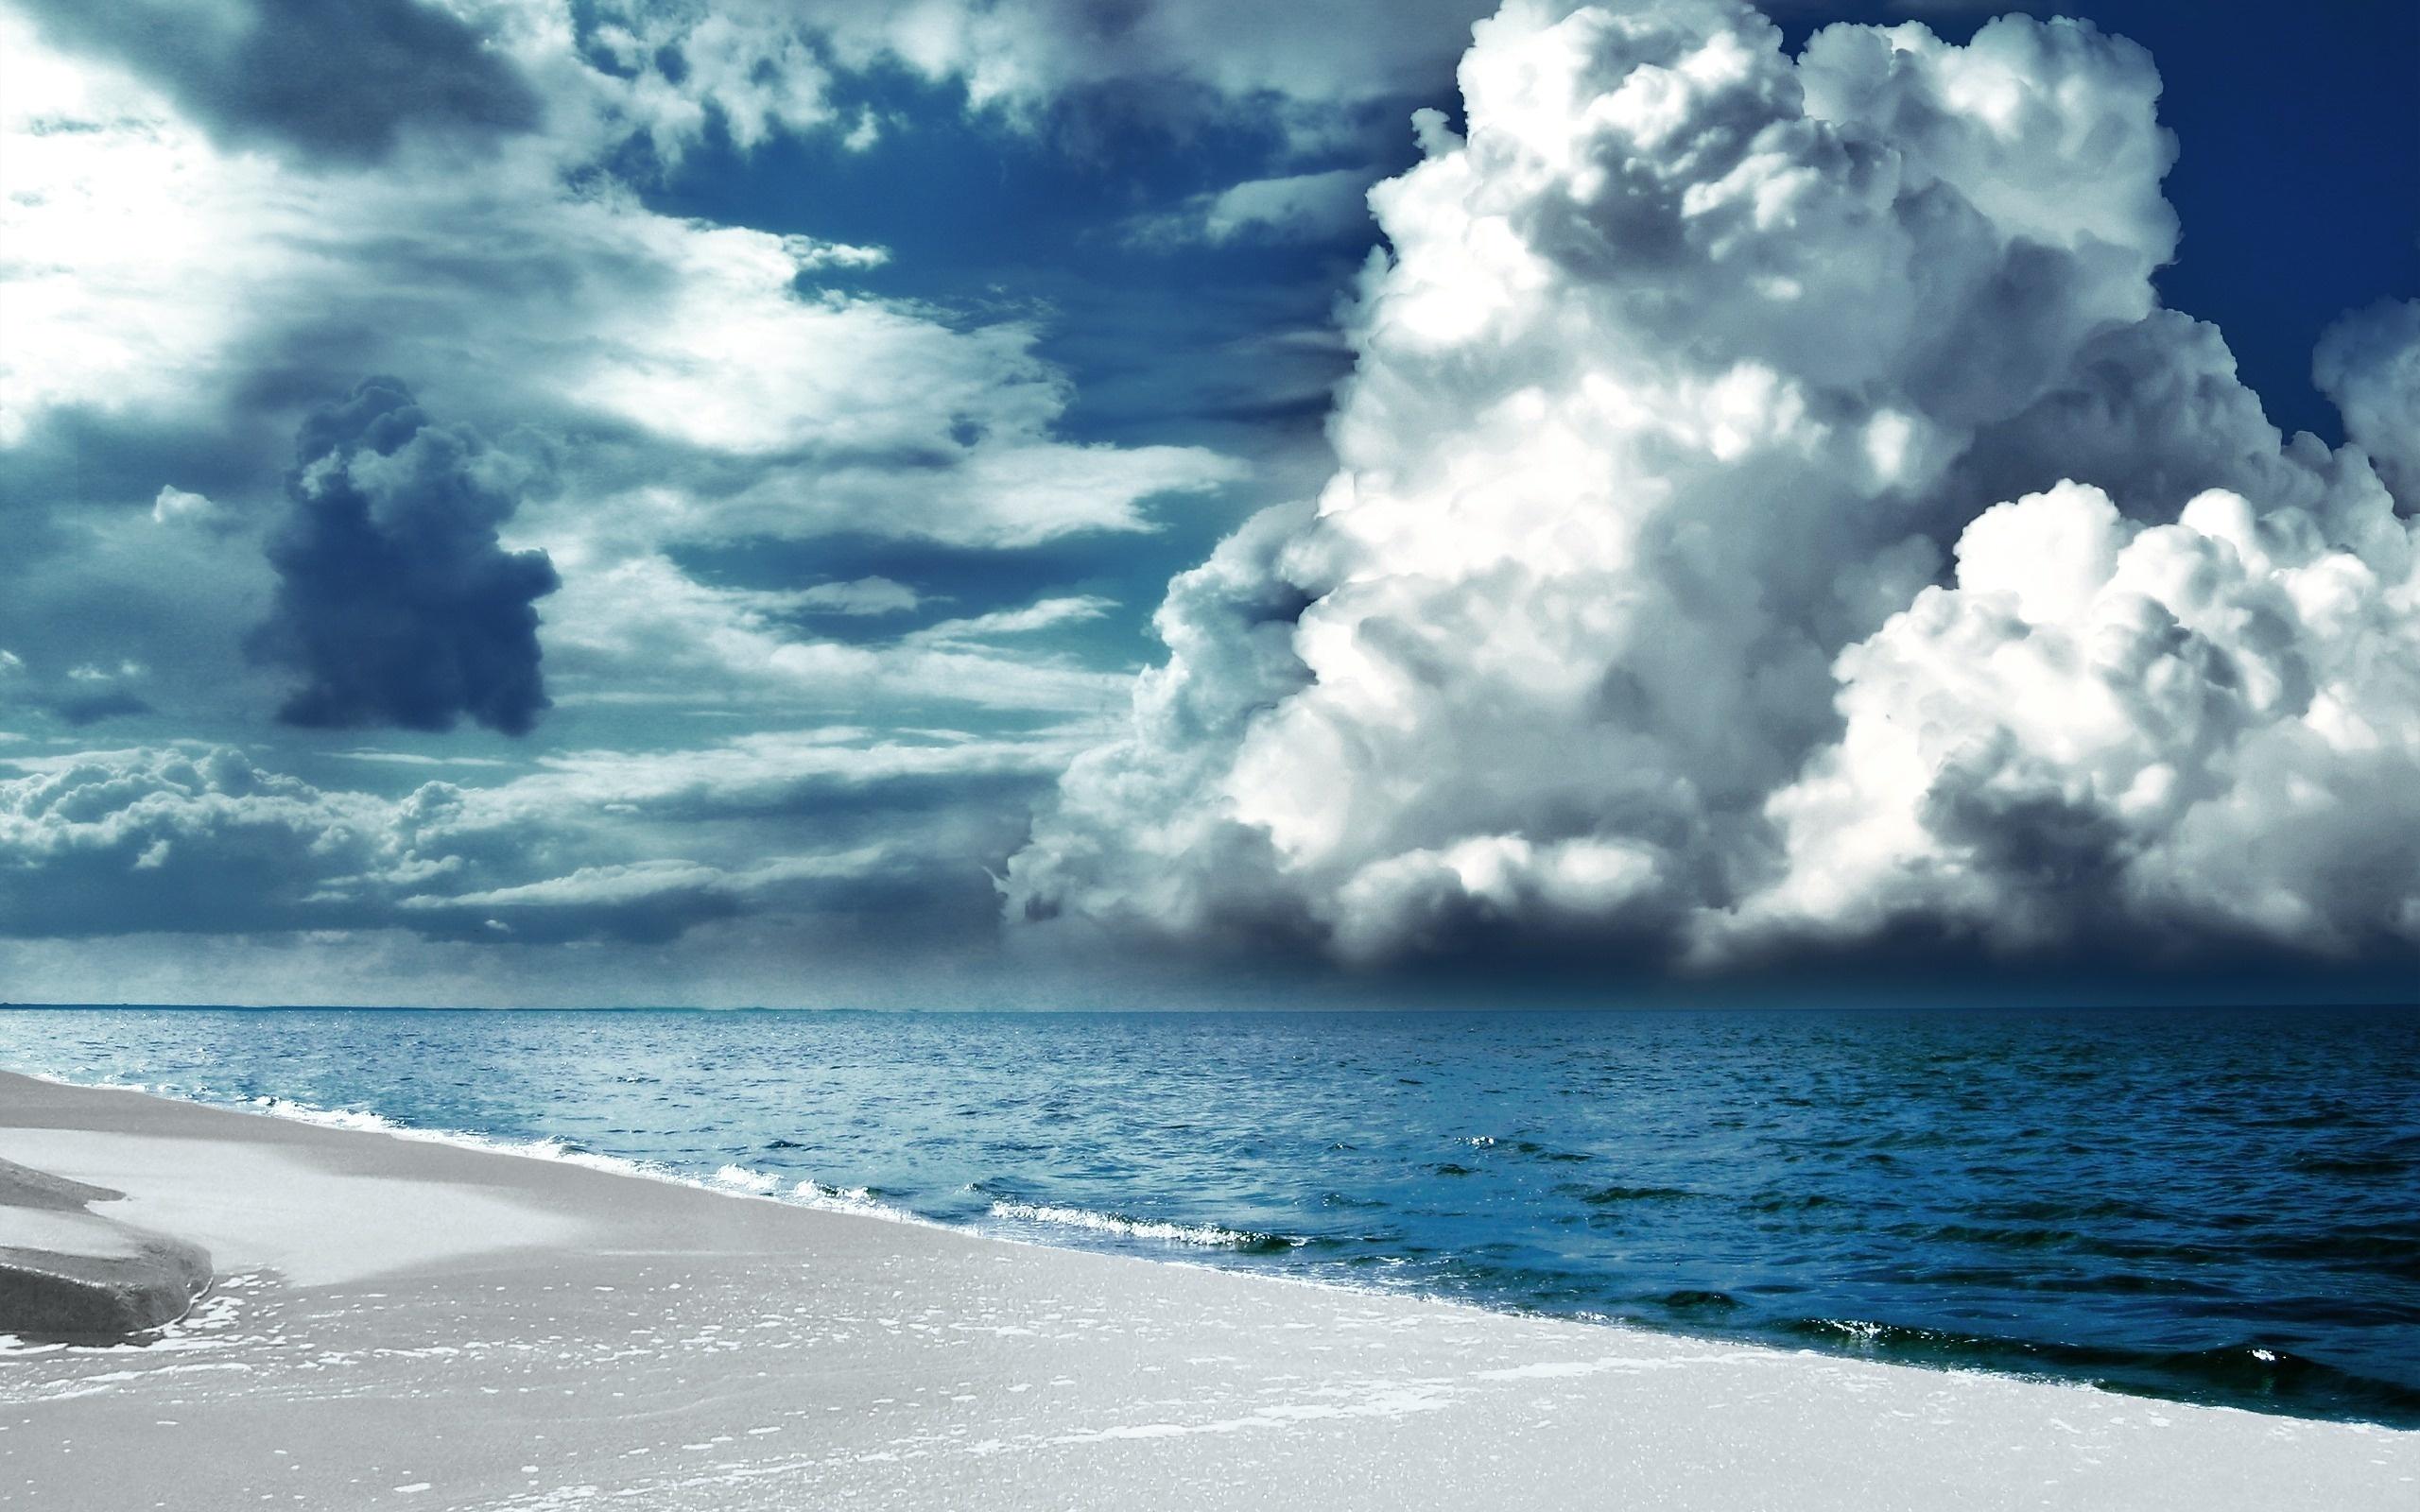 宽屏海滩海岸风景线03(2560x1600)壁纸 - 桌面壁纸